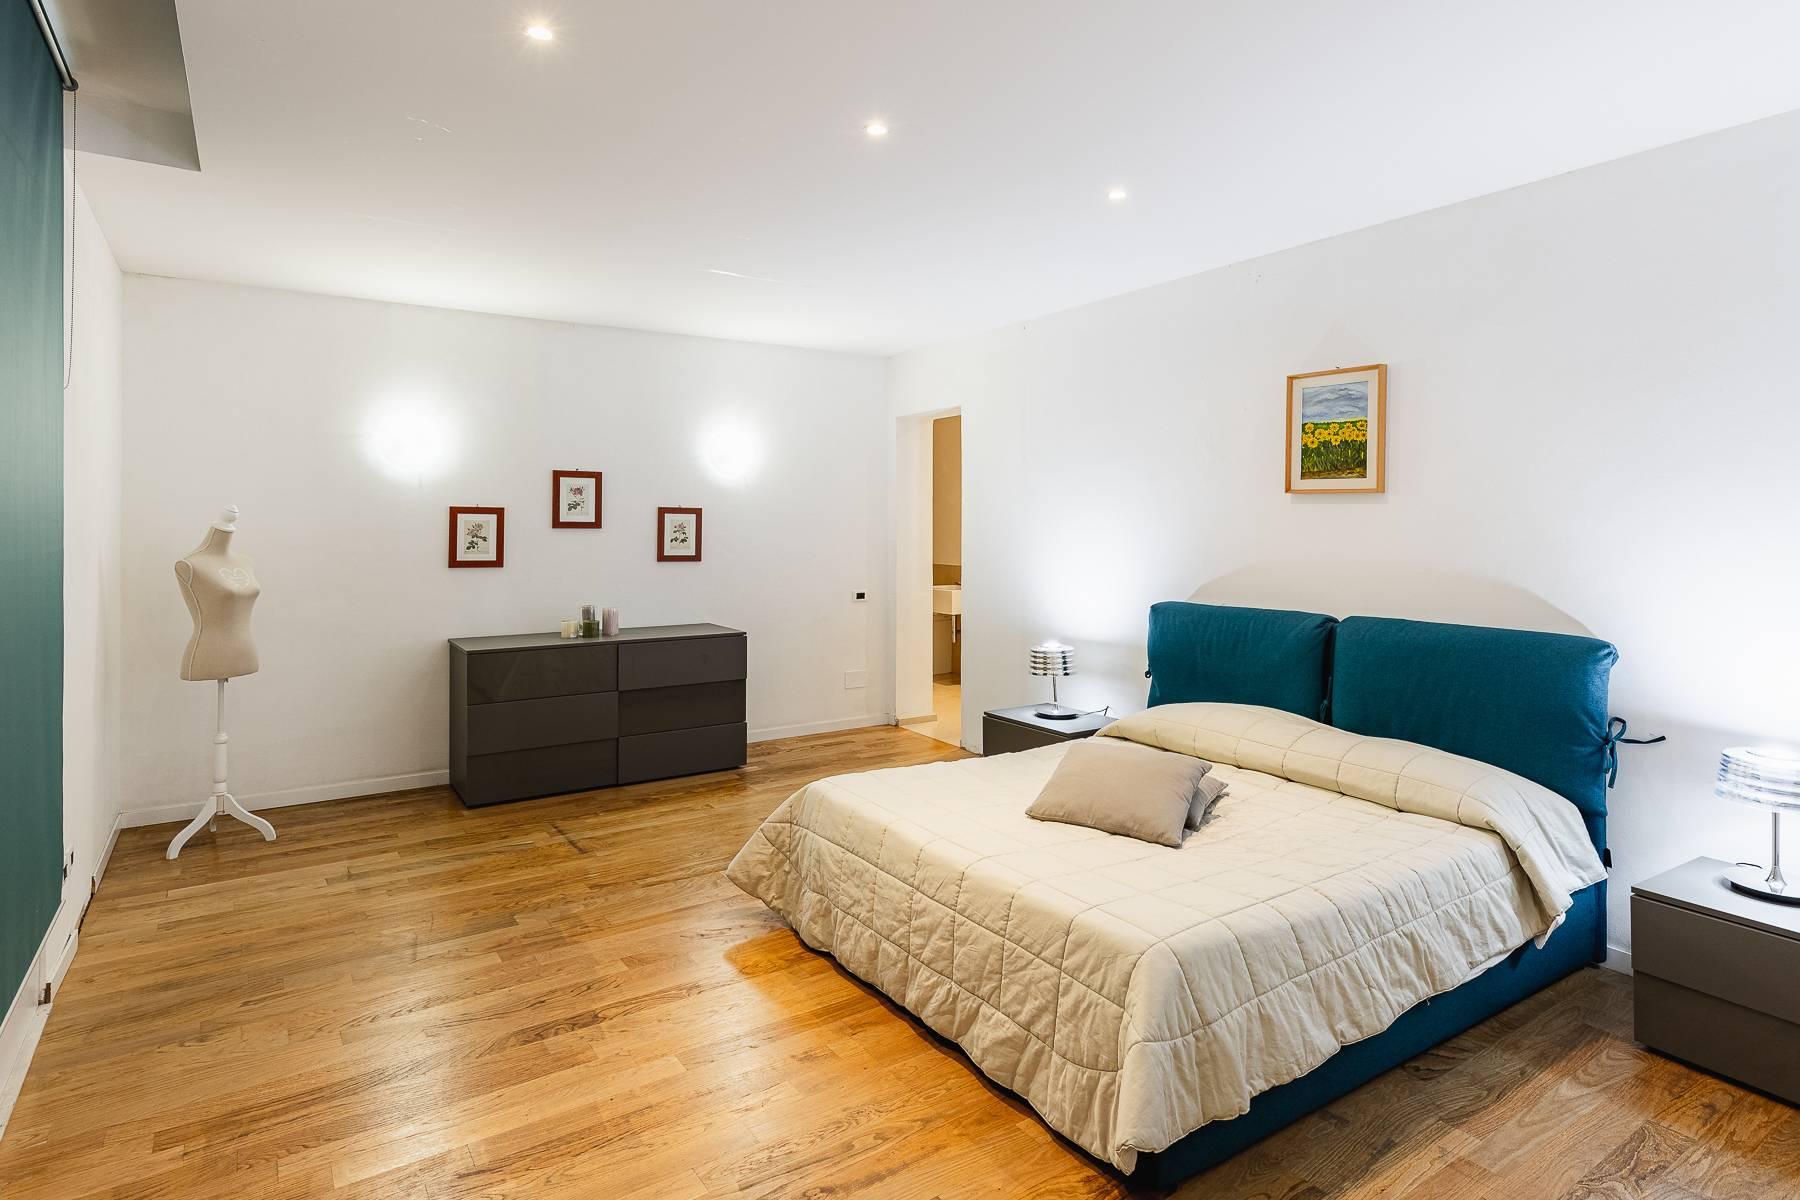 Appartamento in Vendita a Palermo: 4 locali, 154 mq - Foto 8